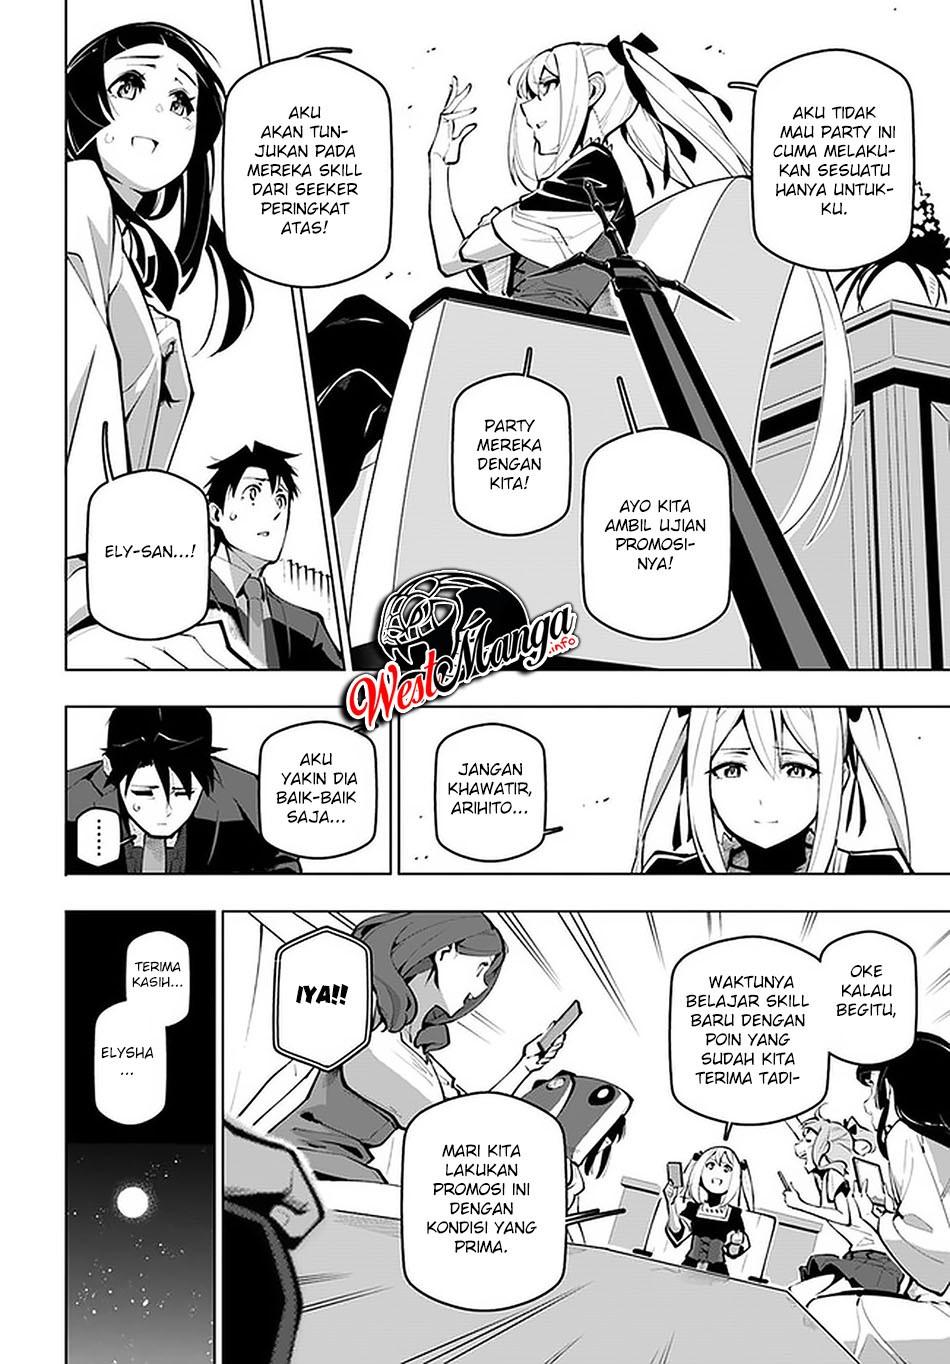 Sekai Saikyou no Kouei: Meikyuukoku no Shinjin Tansakusha: Chapter 18.2 - Page 14